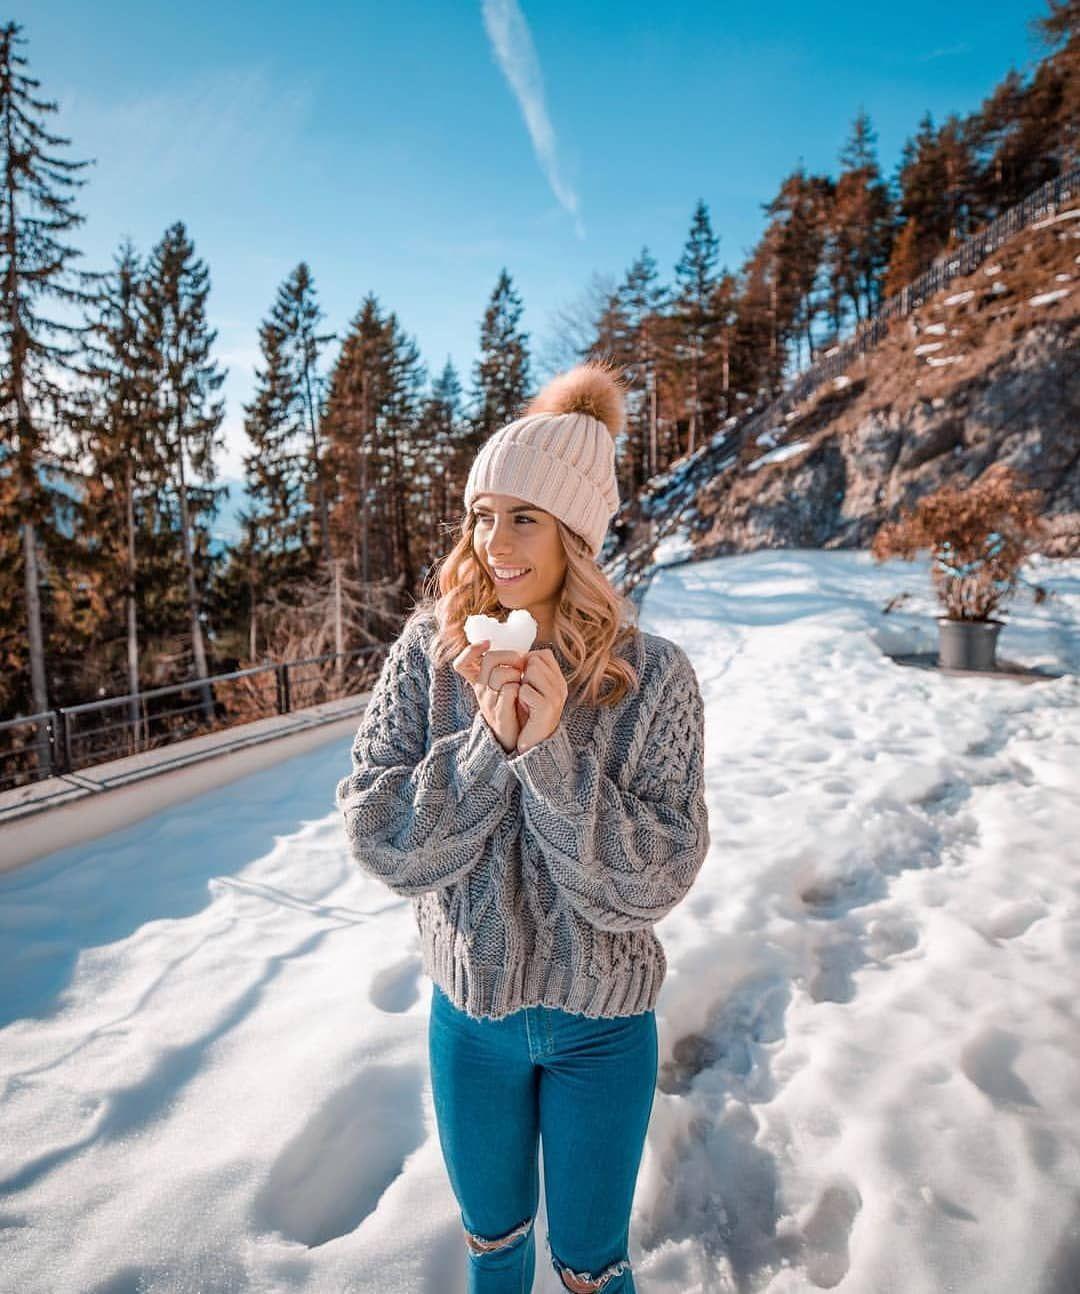 Идеи для зимней фотосессии в горах